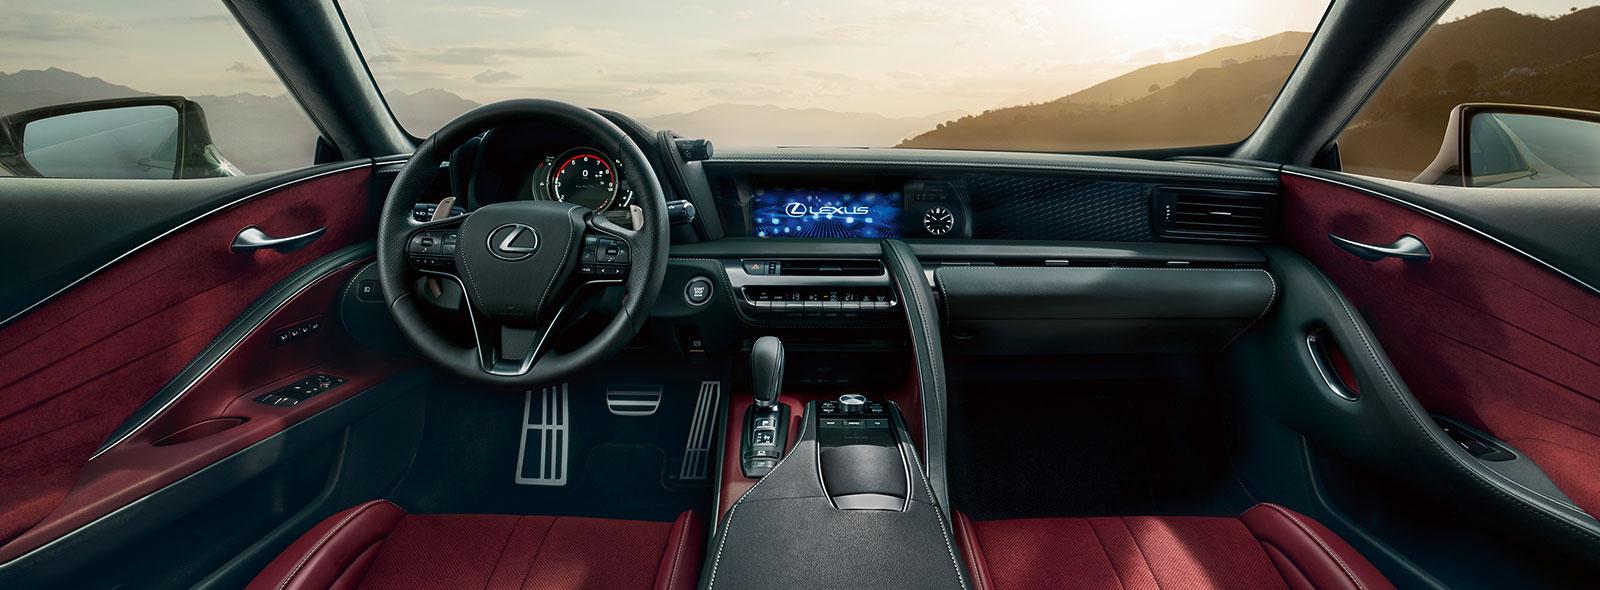 Het interieur van een Lexus LC 500 met lederen bekleding